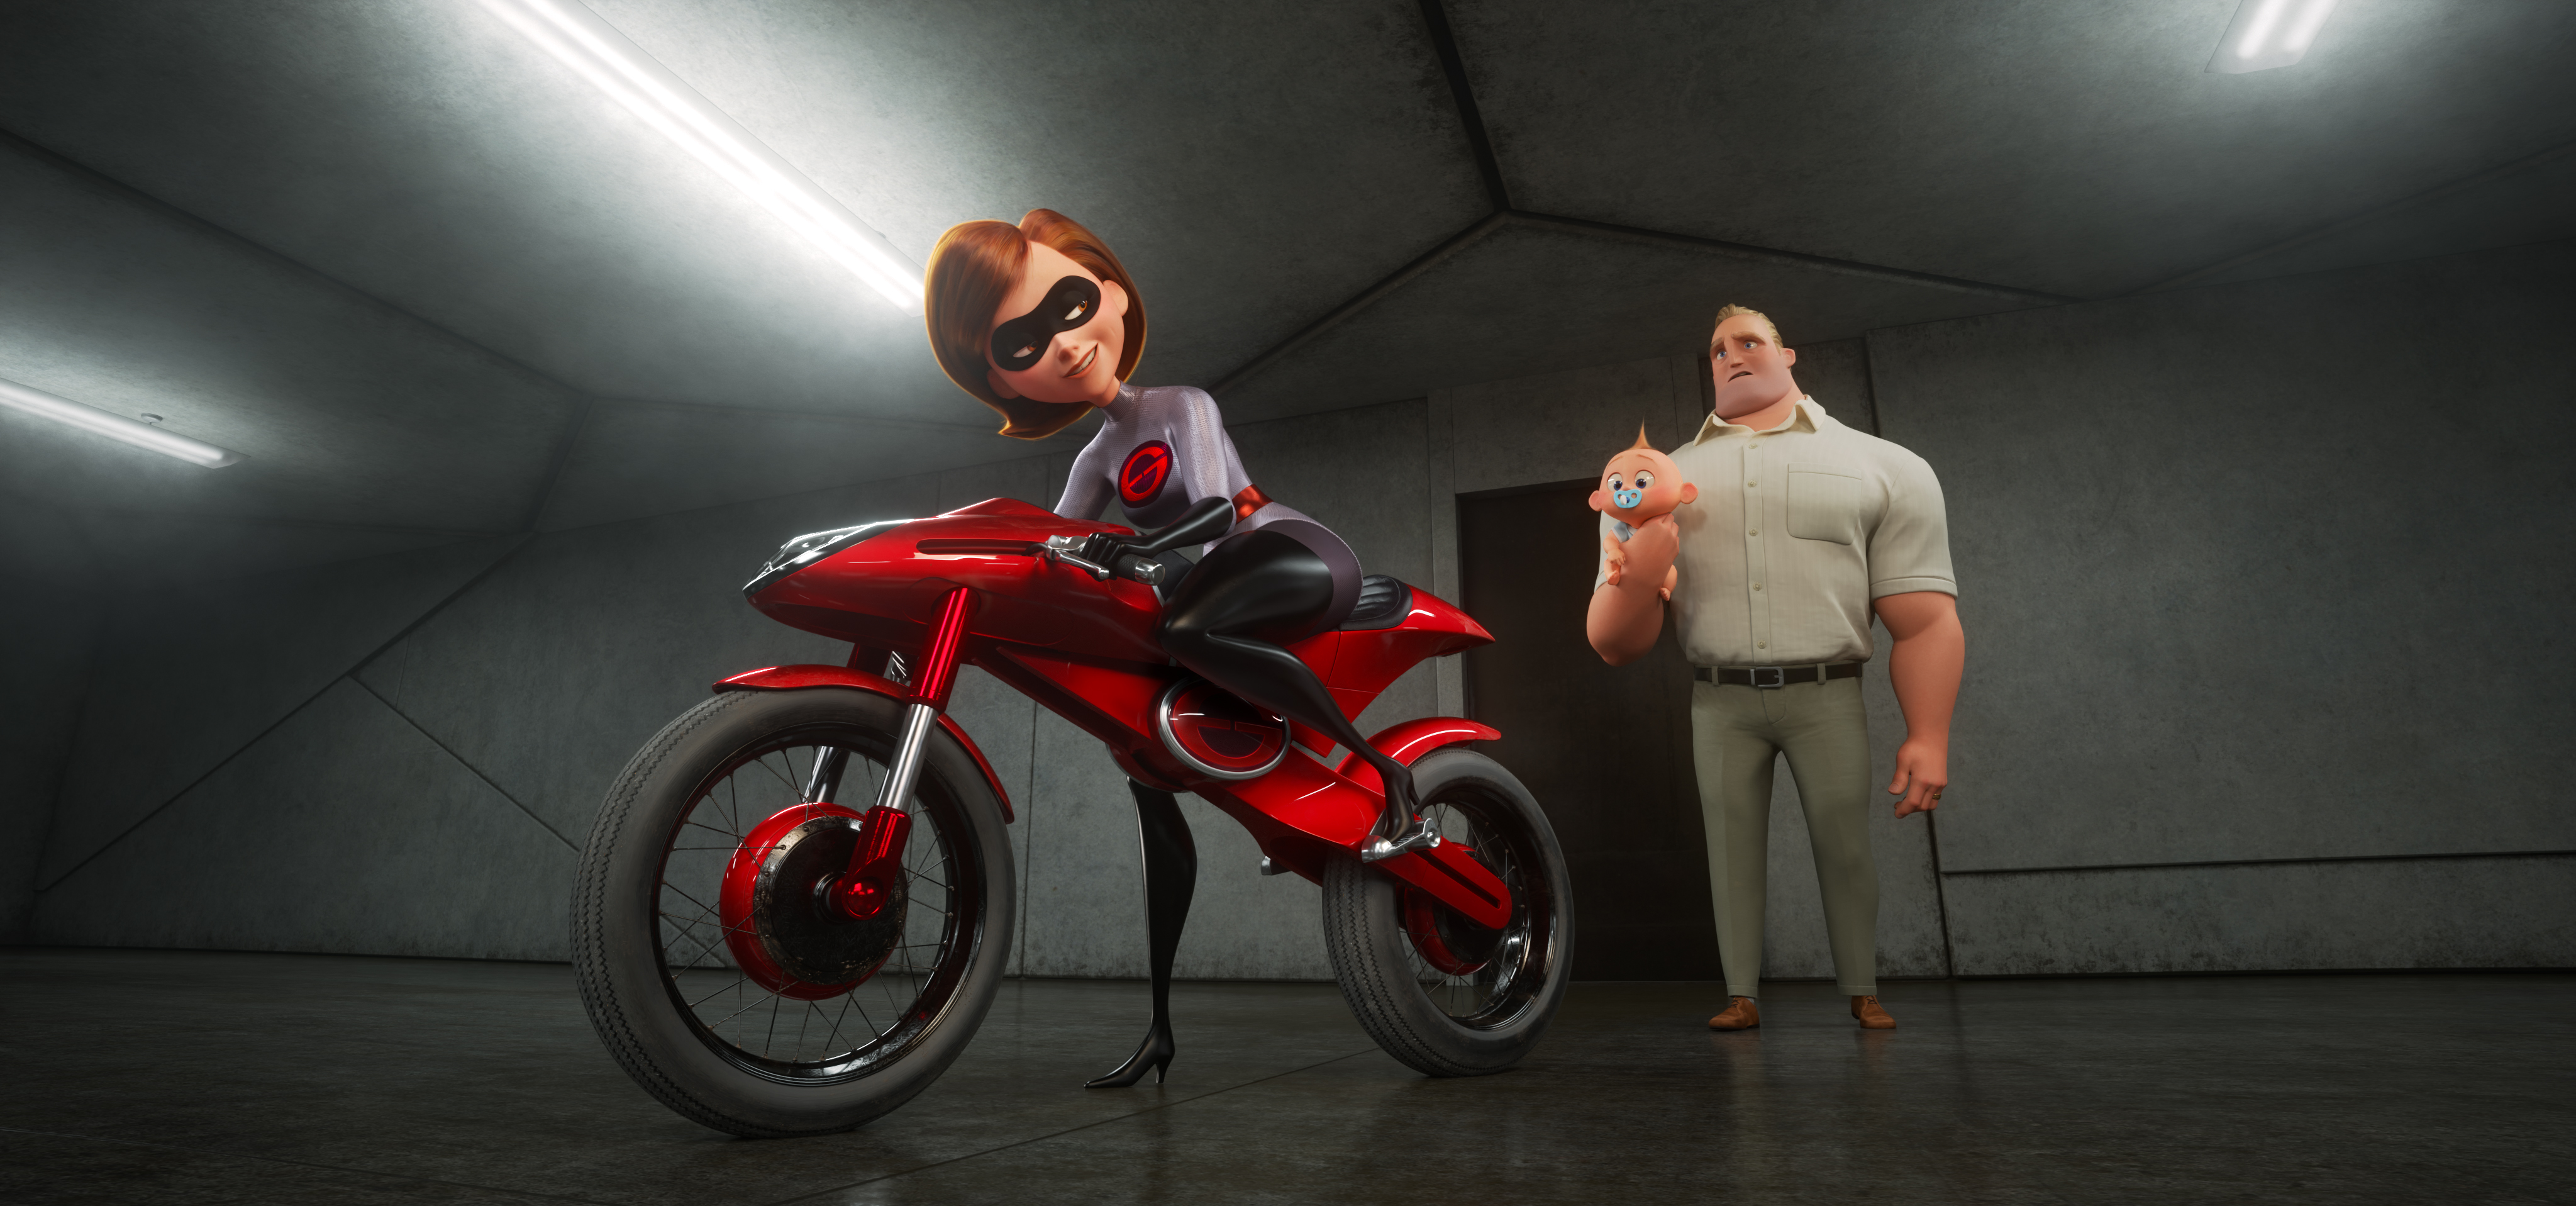 кадры из фильма Суперсемейка 2